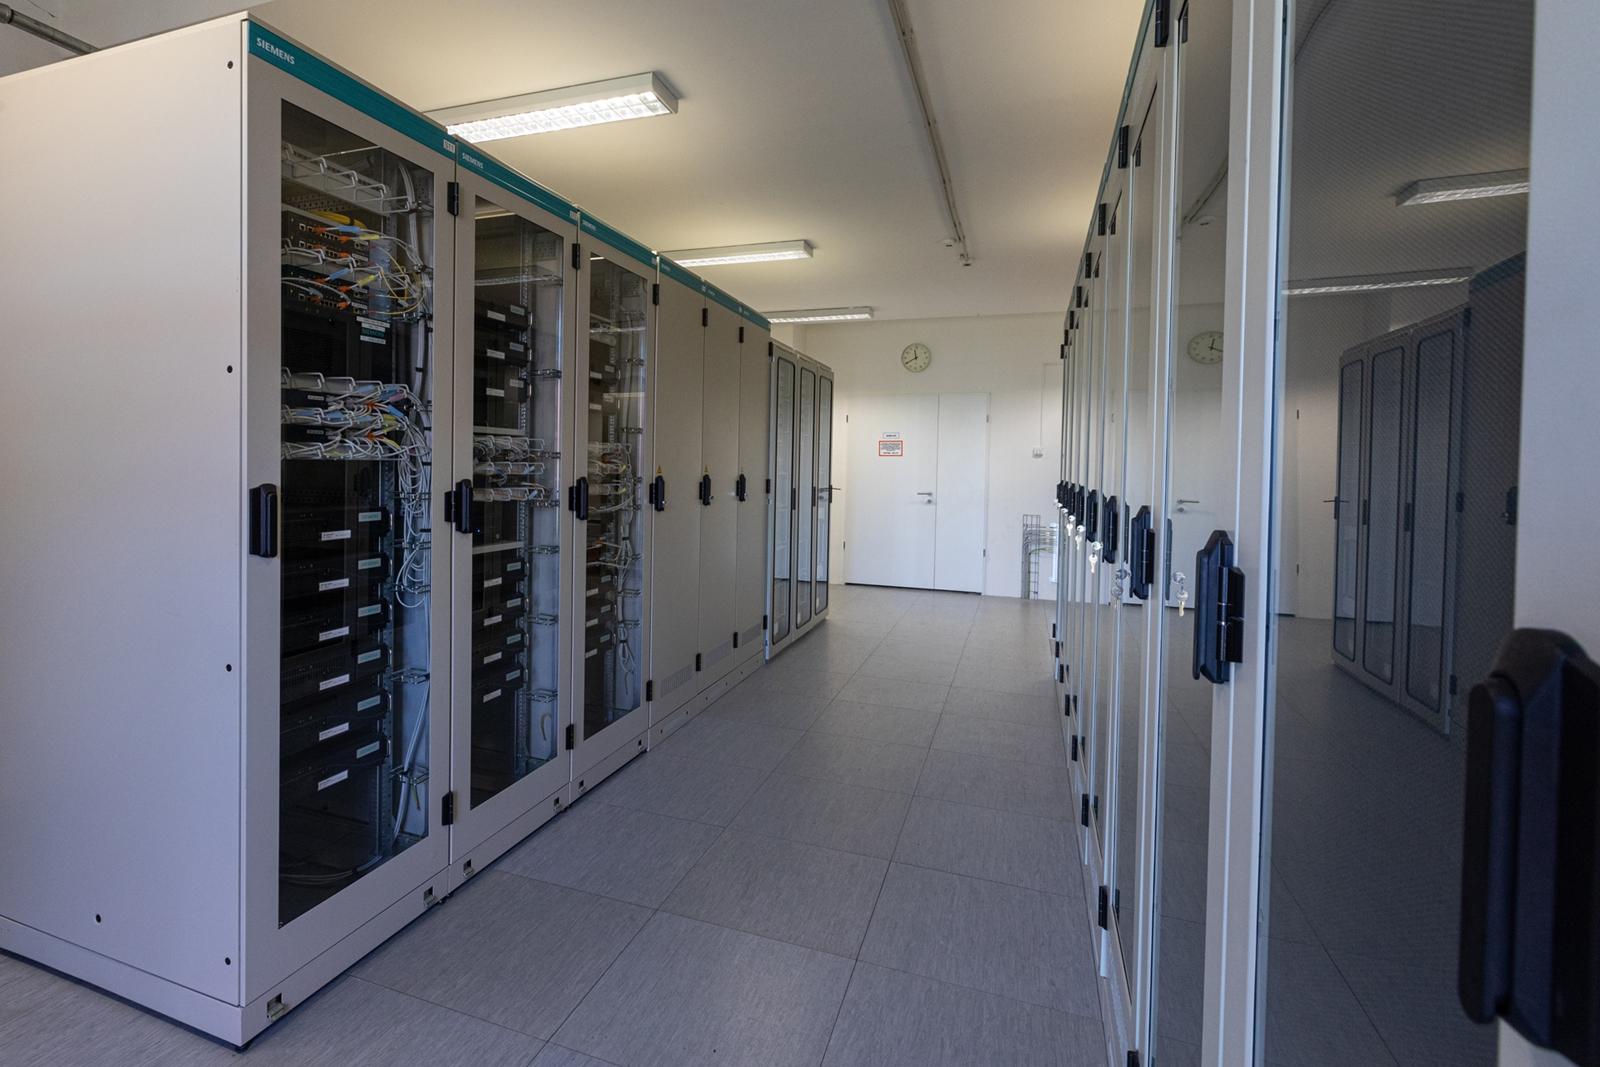 Üzembe helyezték az ETCS-rendszert Ferencváros és Székesfehérvár között. A rendszer többek között a pályára telepített érzékelők (balízok) adatait továbbítja a központoknak (képek forrása: NIF Zrt.)